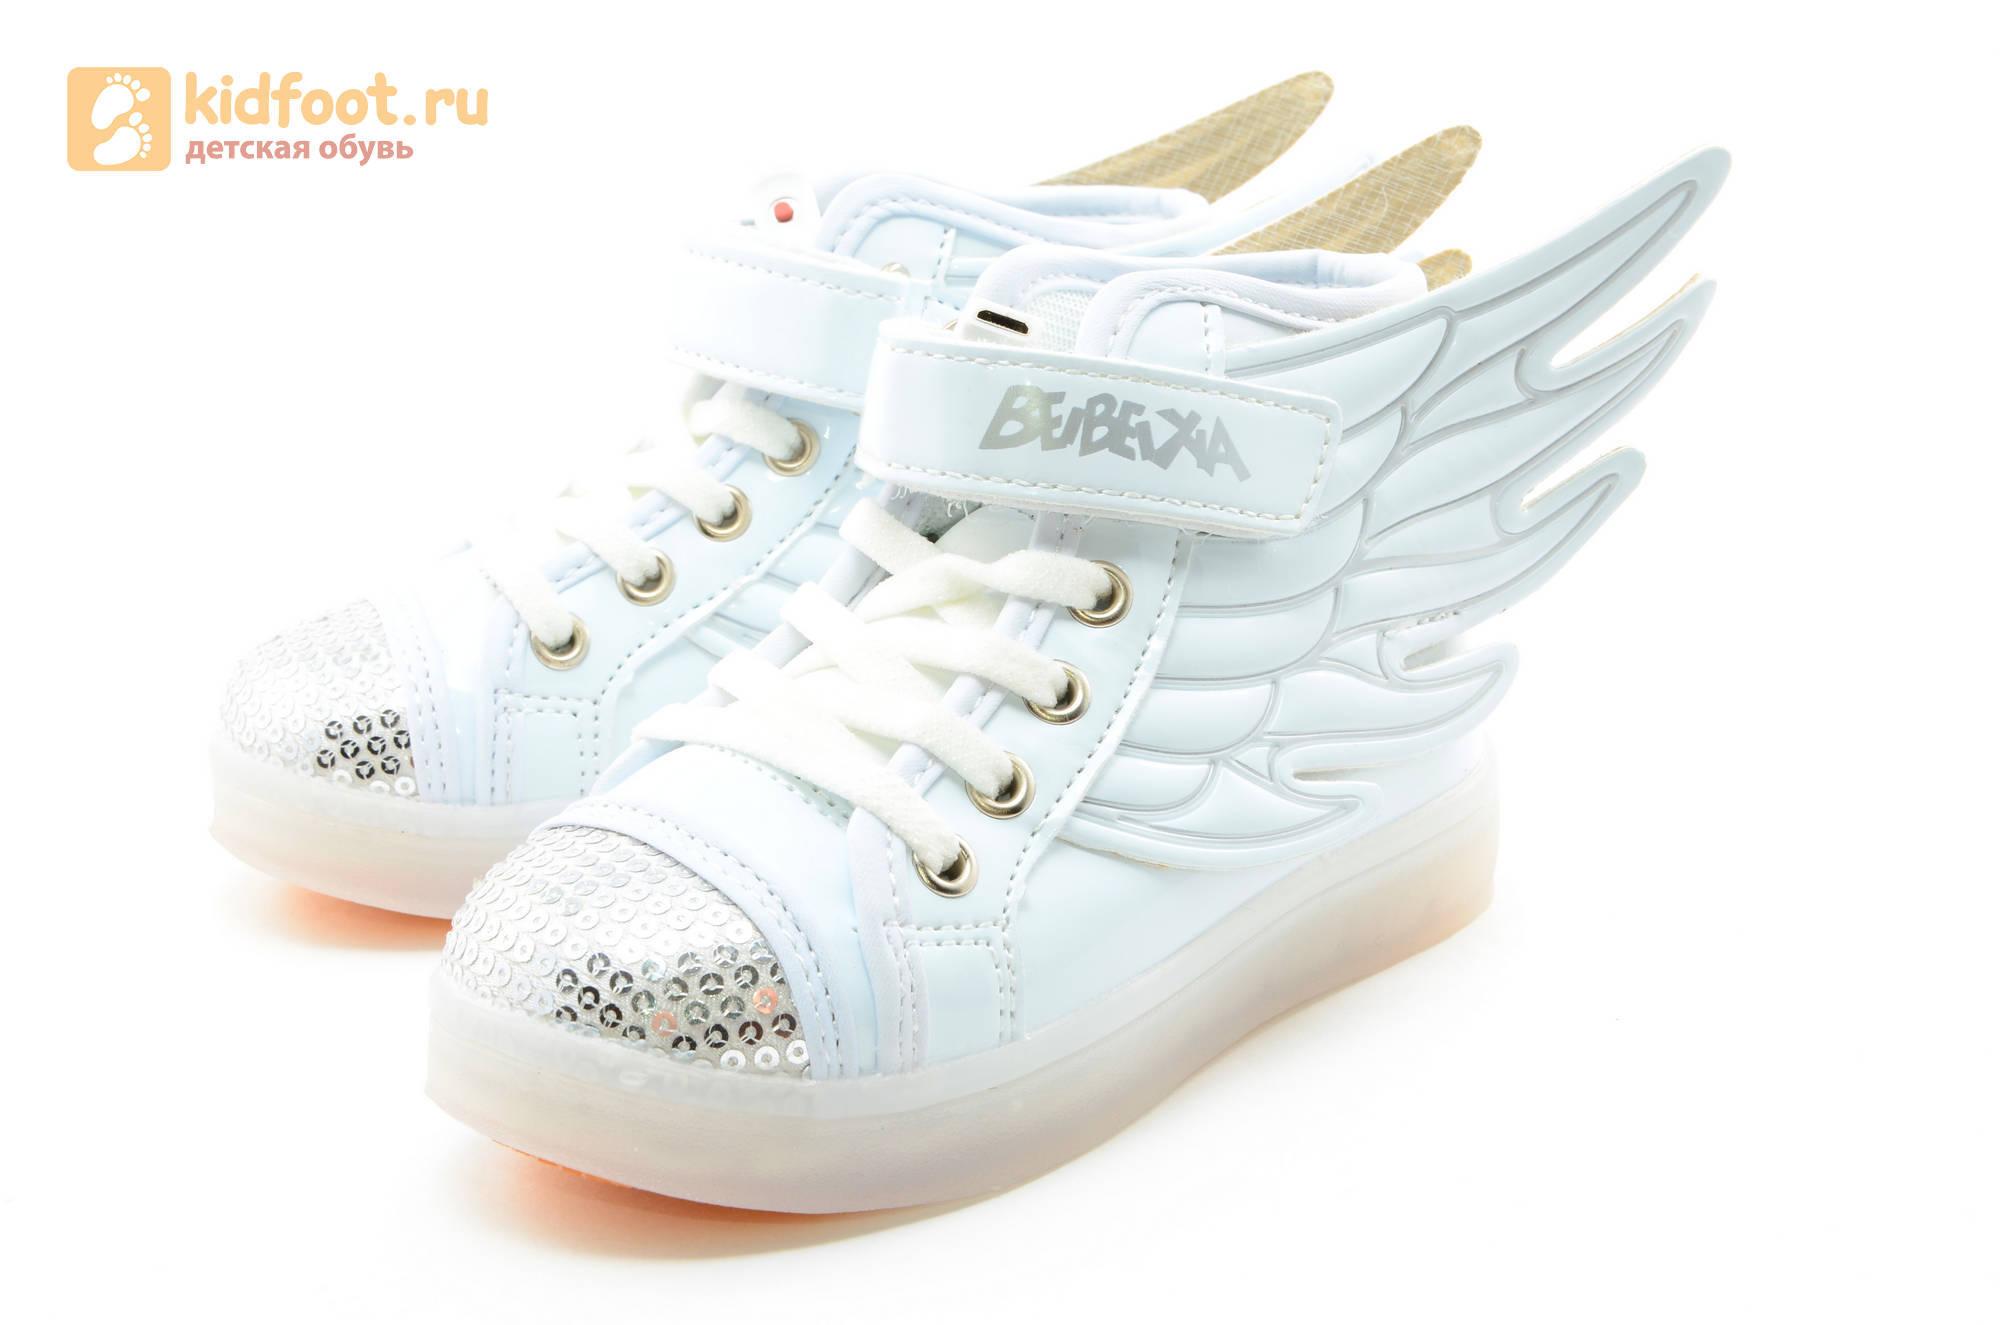 Светящиеся кроссовки с крыльями с USB зарядкой Бебексия (BEIBEIXIA), цвет белый серебряный, светится вся подошва